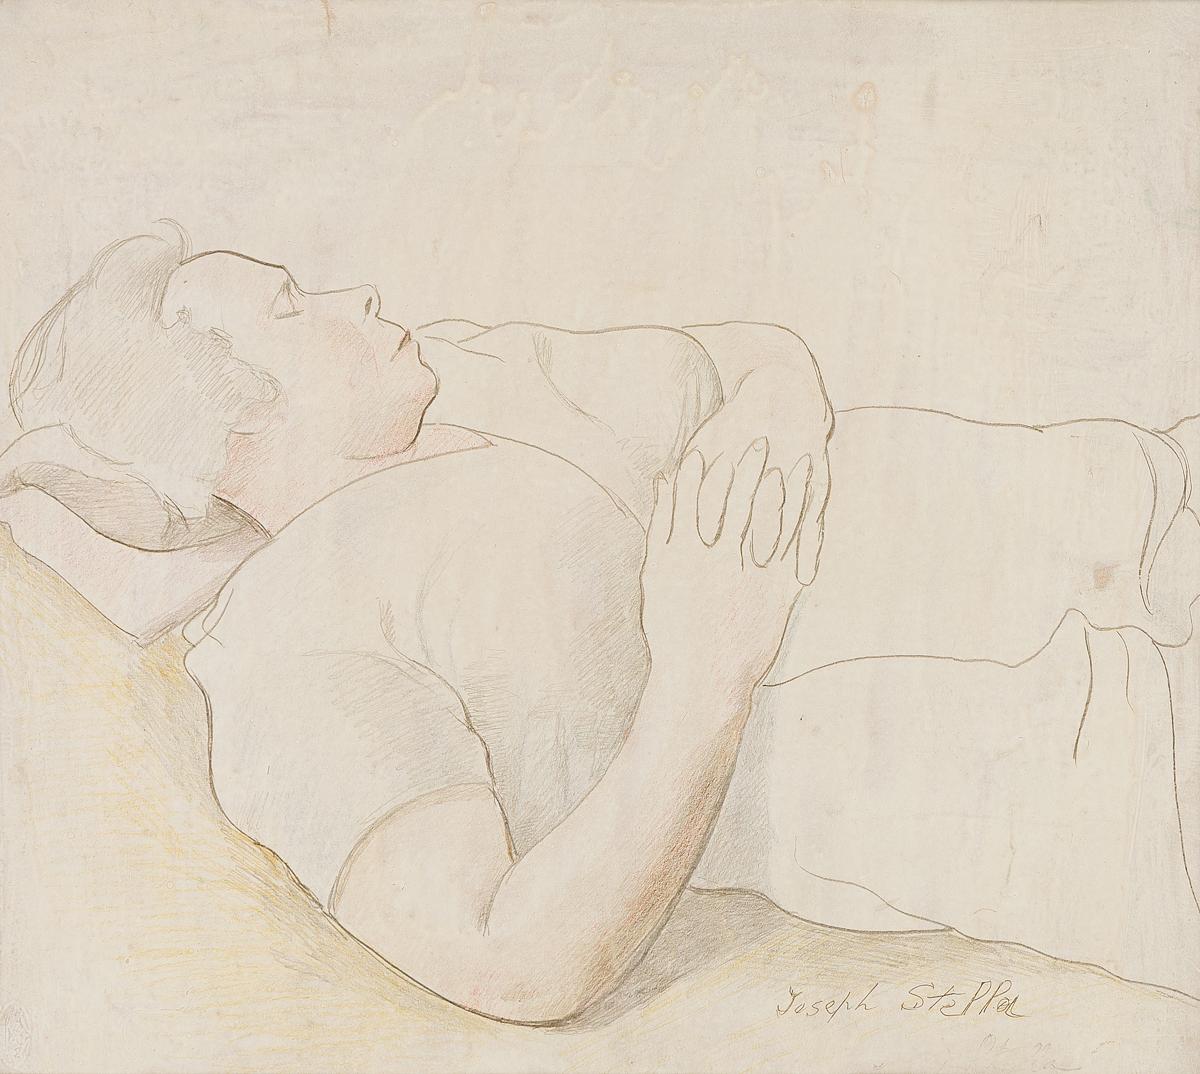 JOSEPH STELLA Study of a Sleeping Woman.